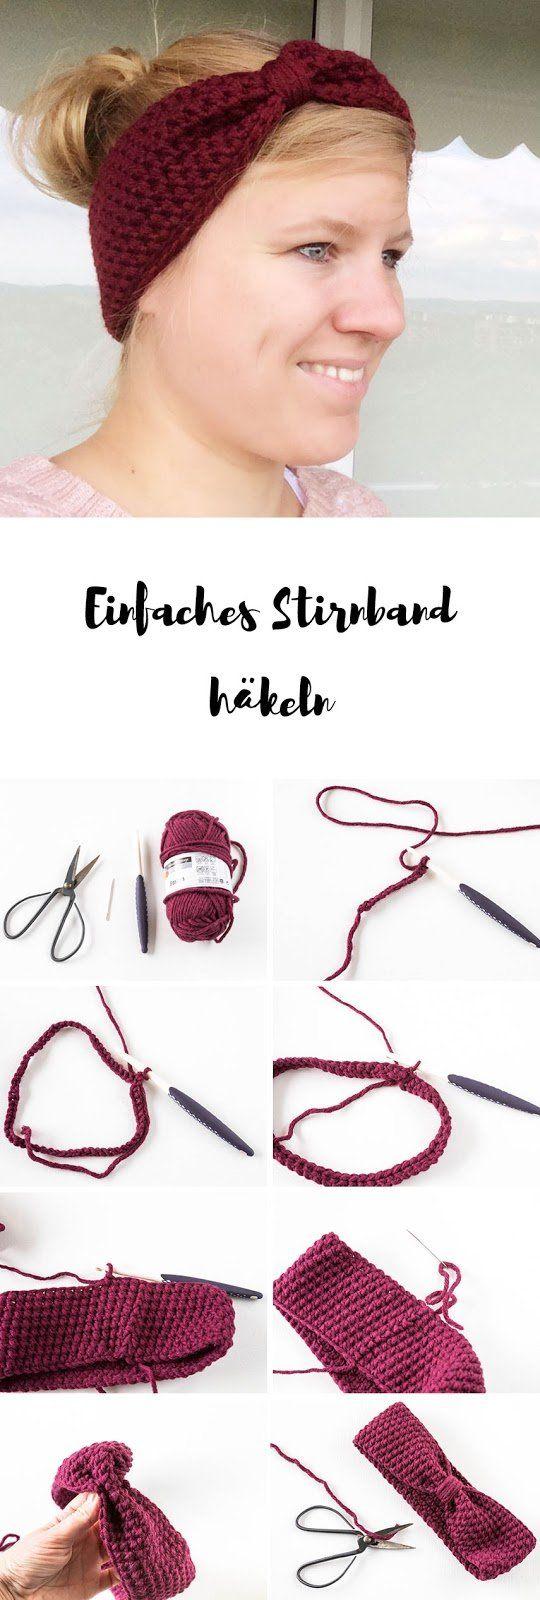 Anleitung für ein Stirnband (für Anfänger geeignet) #tejidos